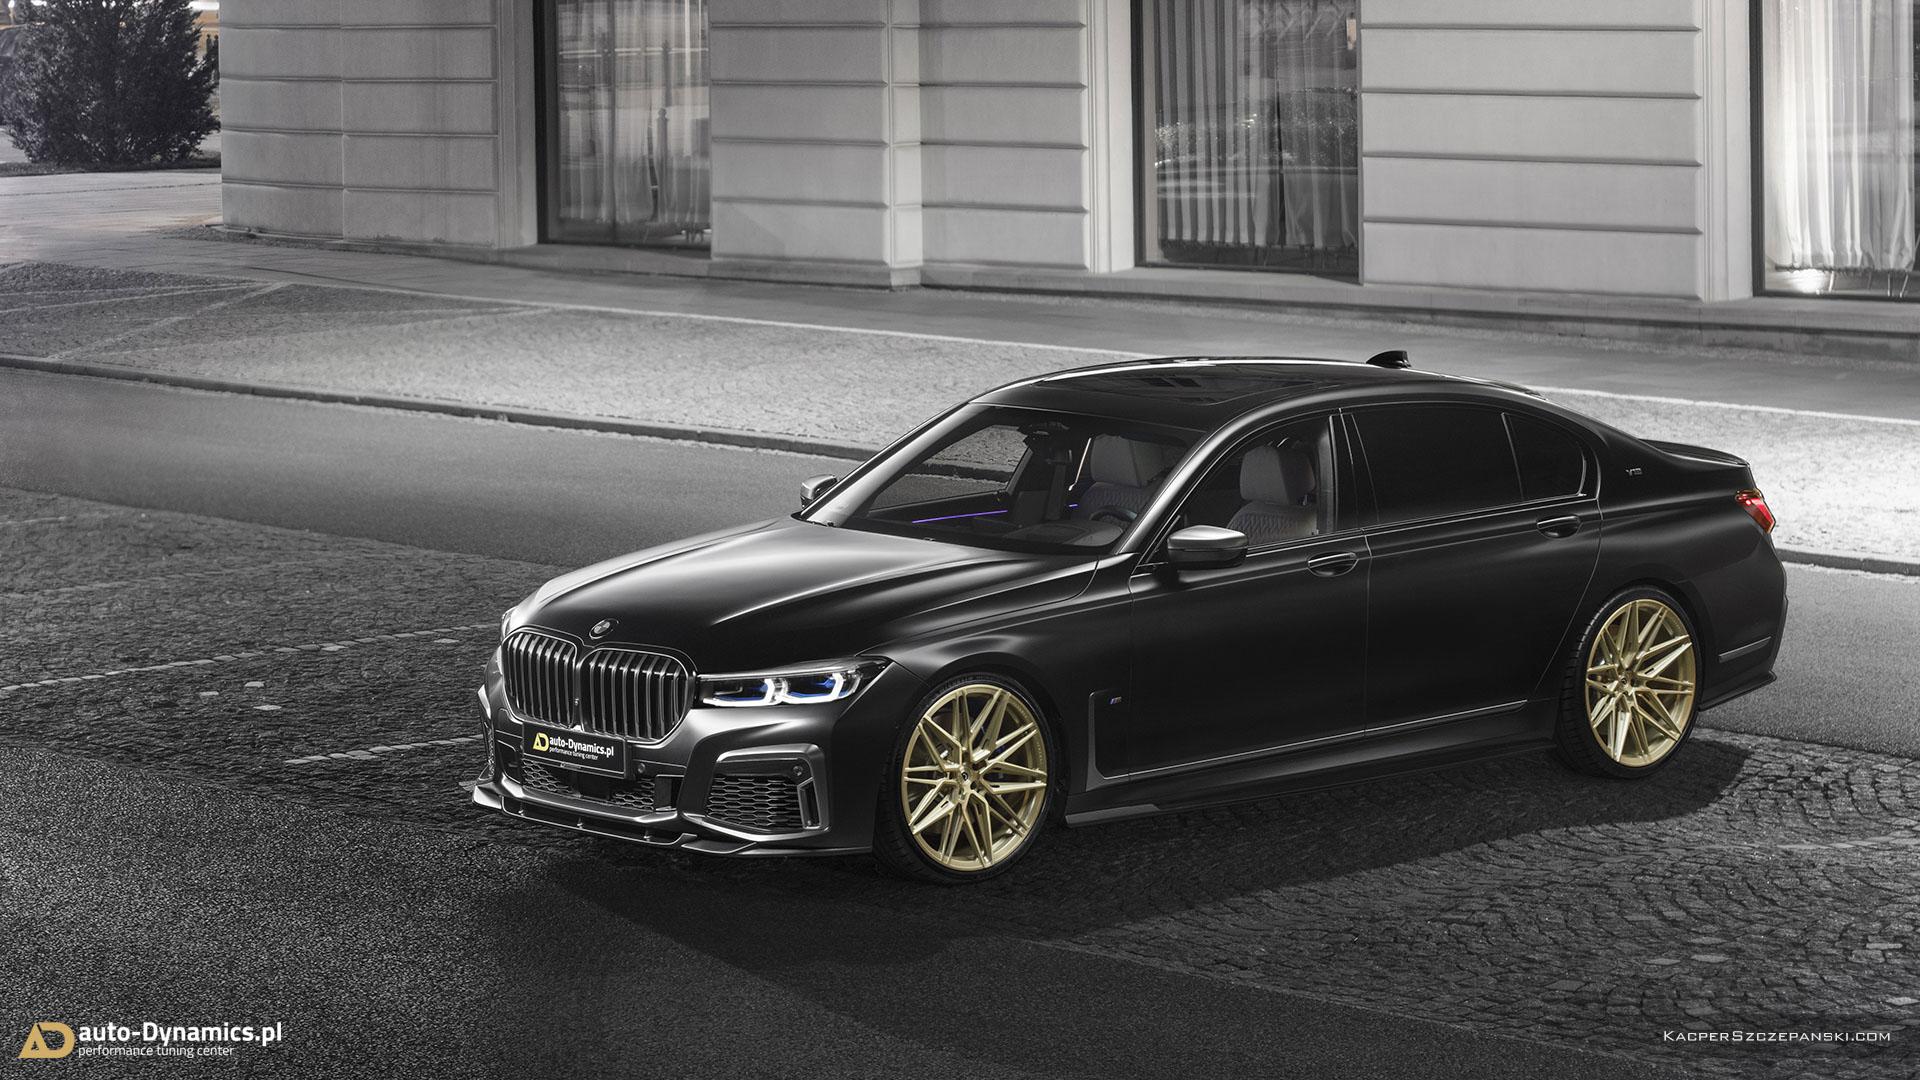 Chiêm ngưỡng BMW 760Li với những nâng cấp đầy thể thao | carpassion.vn